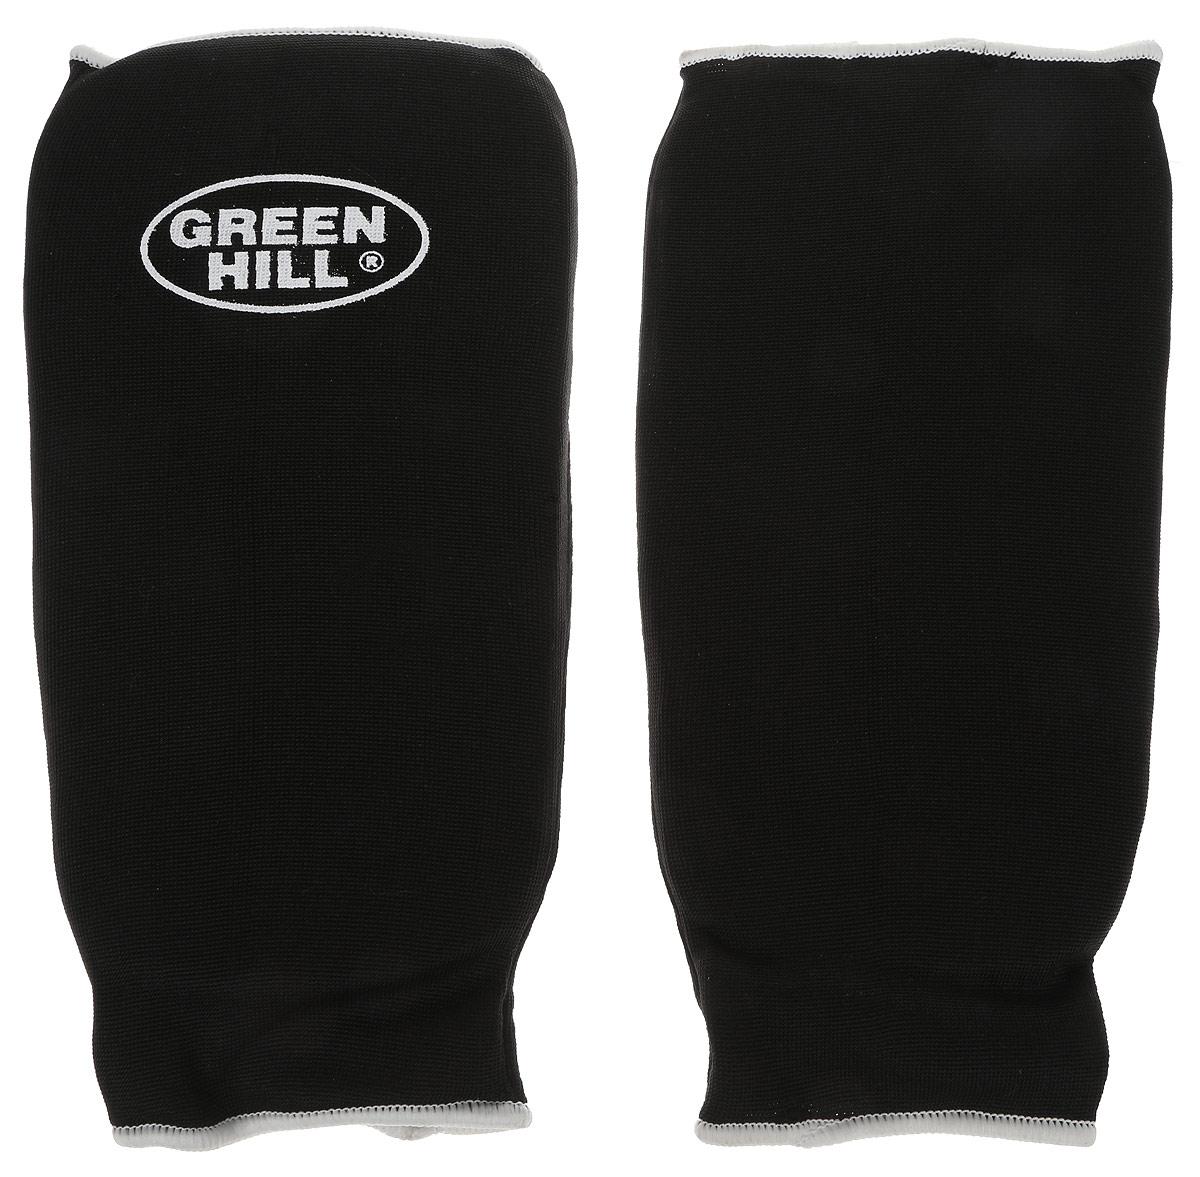 Защита голени Green Hill, цвет: черный, белый. Размер L. SPC-6210SPC-6210Защита голени Green Hill с наполнителем, выполненным из вспененного полимера, необходима при занятиях спортом для защиты суставов от вывихов, ушибов и прочих повреждений. Накладки выполнены из высококачественного эластана и хлопка. Длина голени: 28 см. Ширина голени: 16 см.